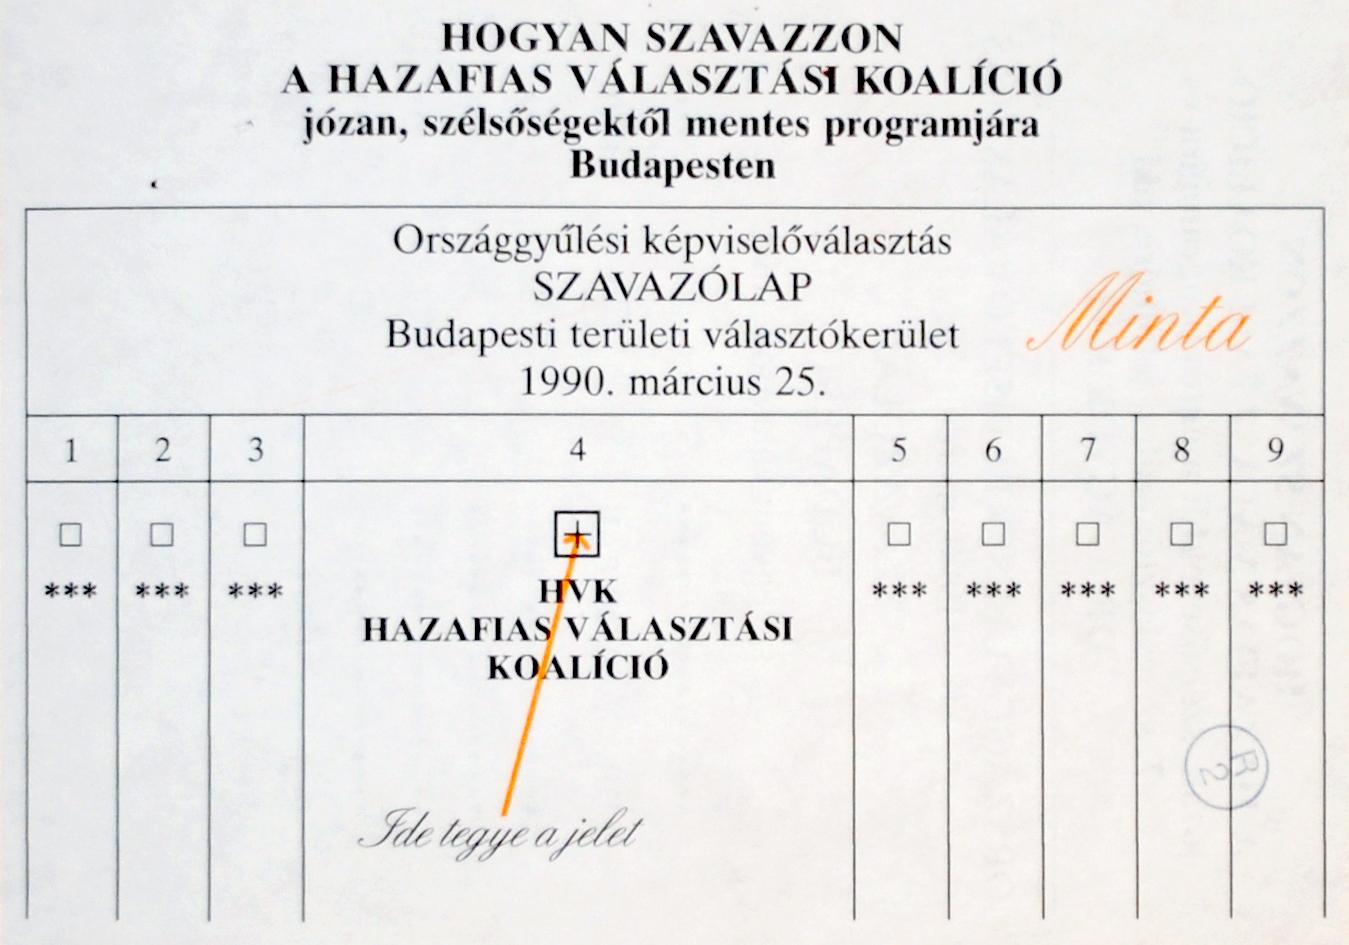 12_hazfiasvk_nemzetikonyvtar.JPG